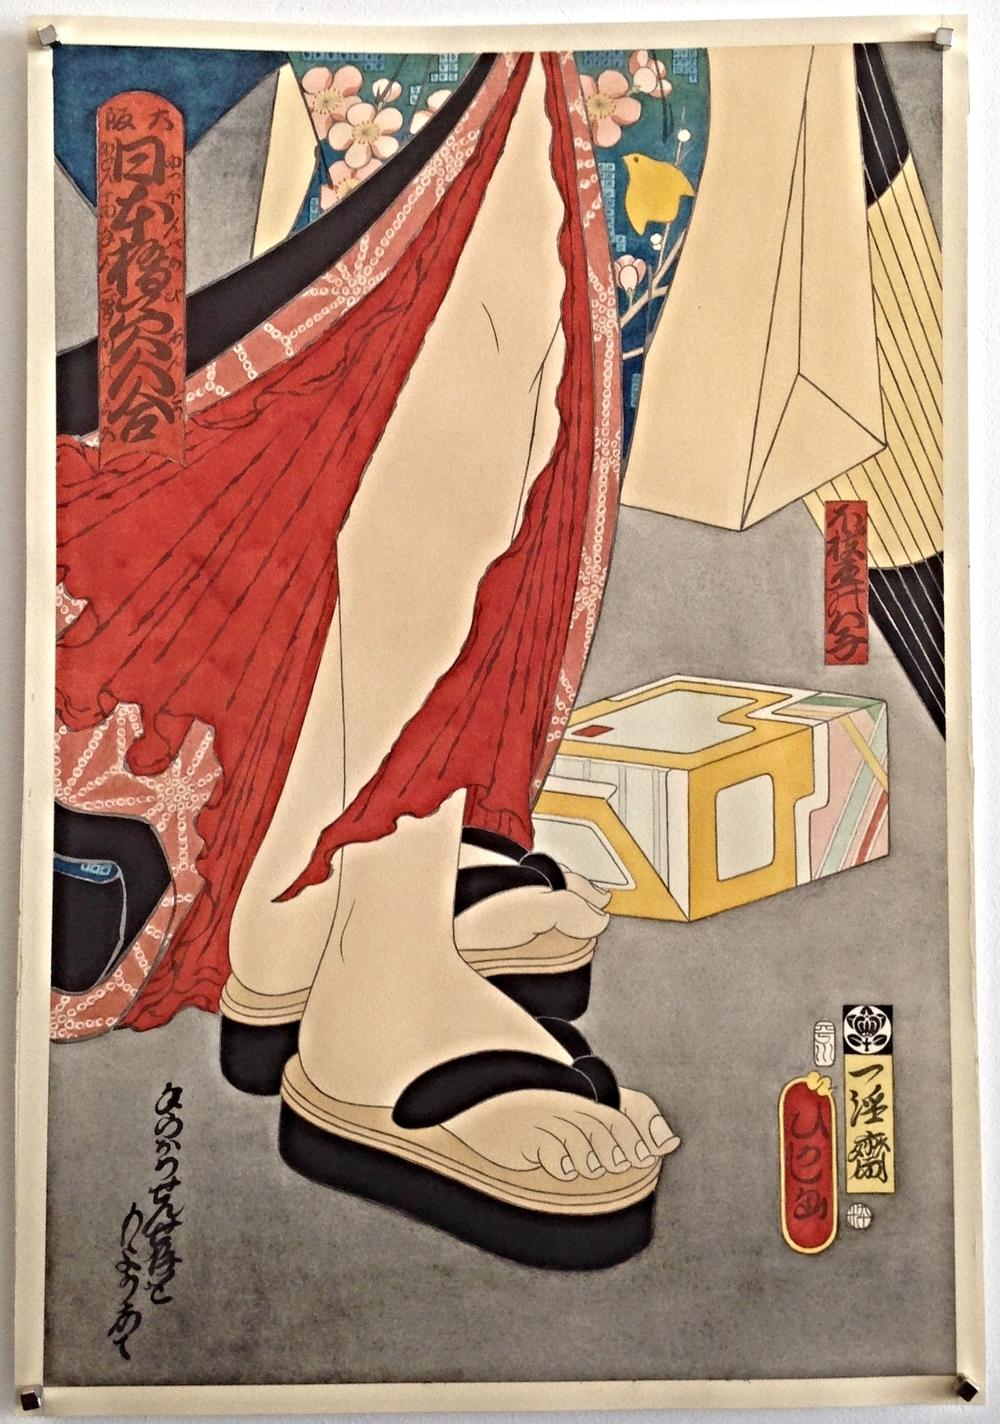 NIHONBASHI BIJINGO (NIHONBASHI GIRL) 13.25 IN. X 19.25 IN.